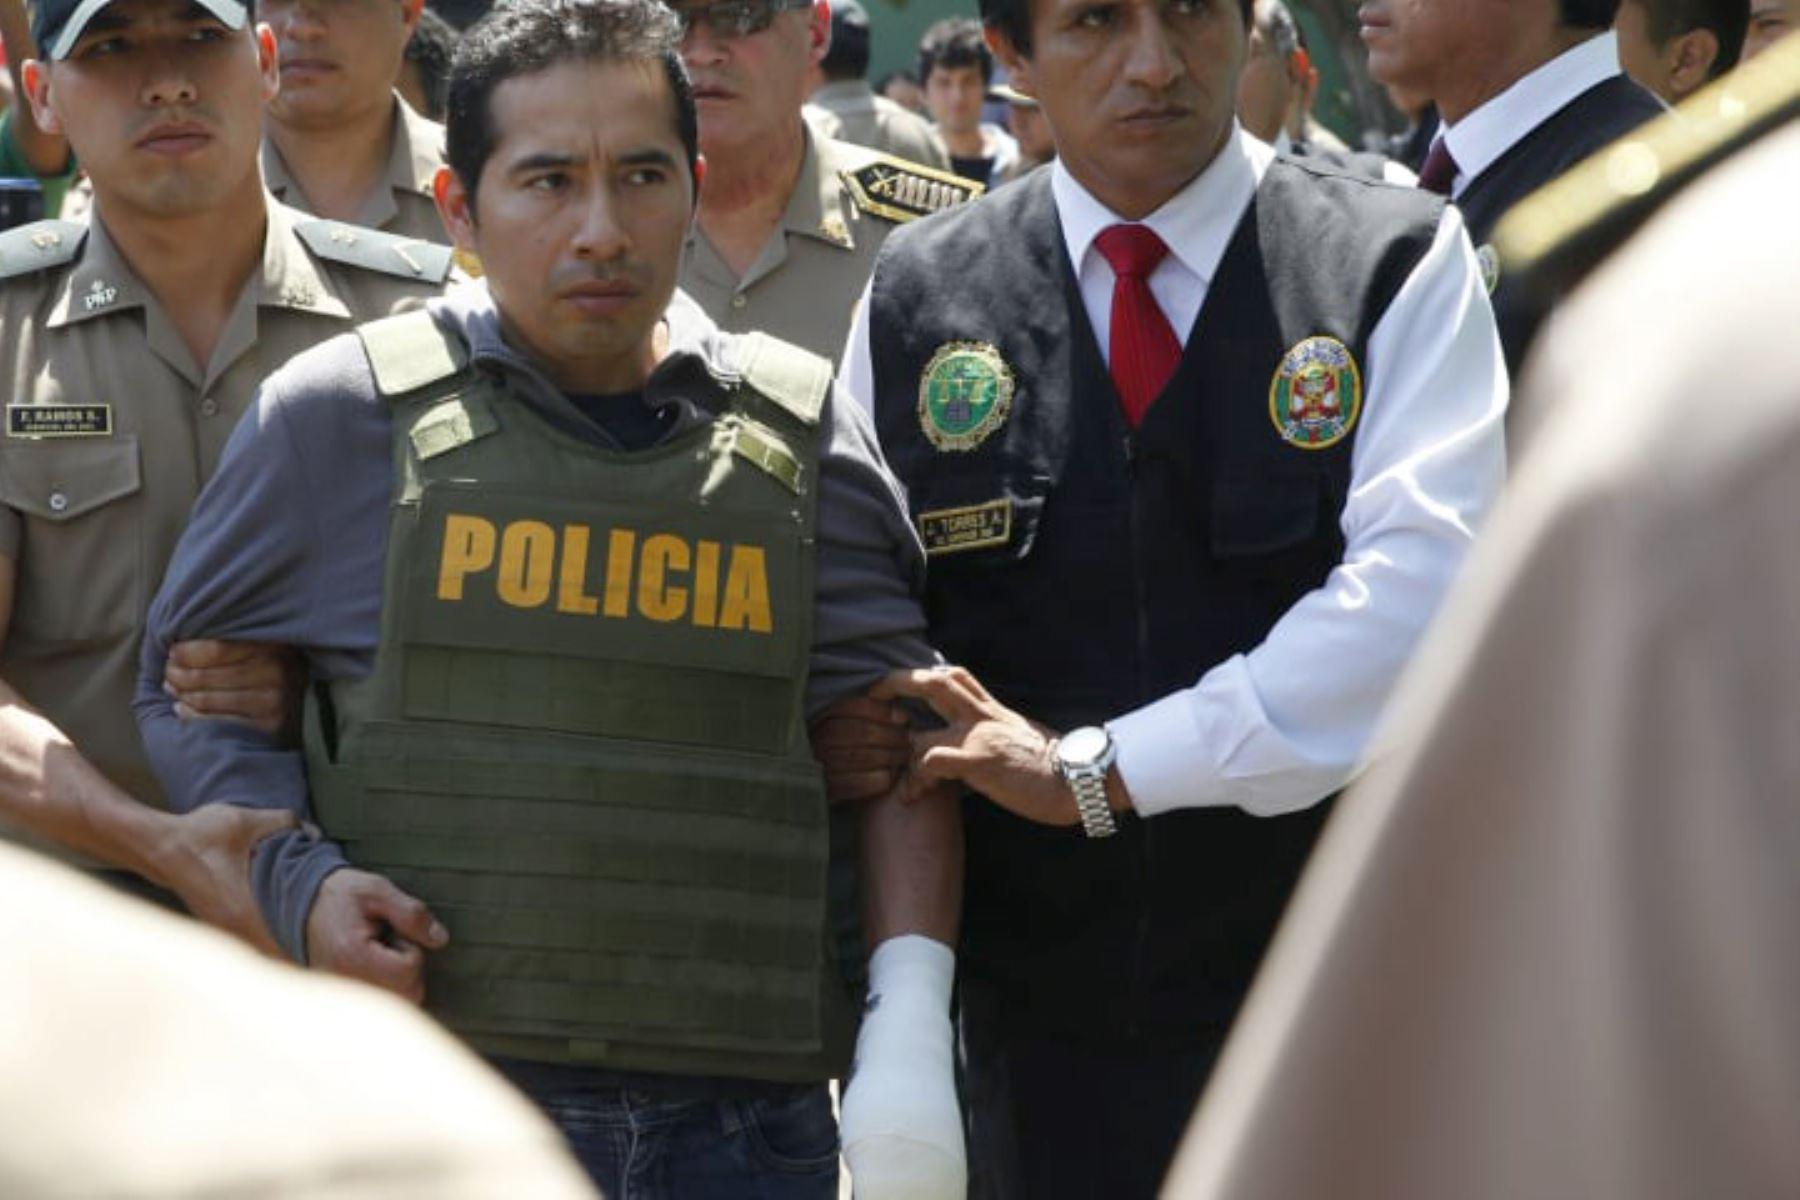 Al fin confesó su crimen Carlos Javier Agreda. Foto: ANDINA/Dante Zegarra